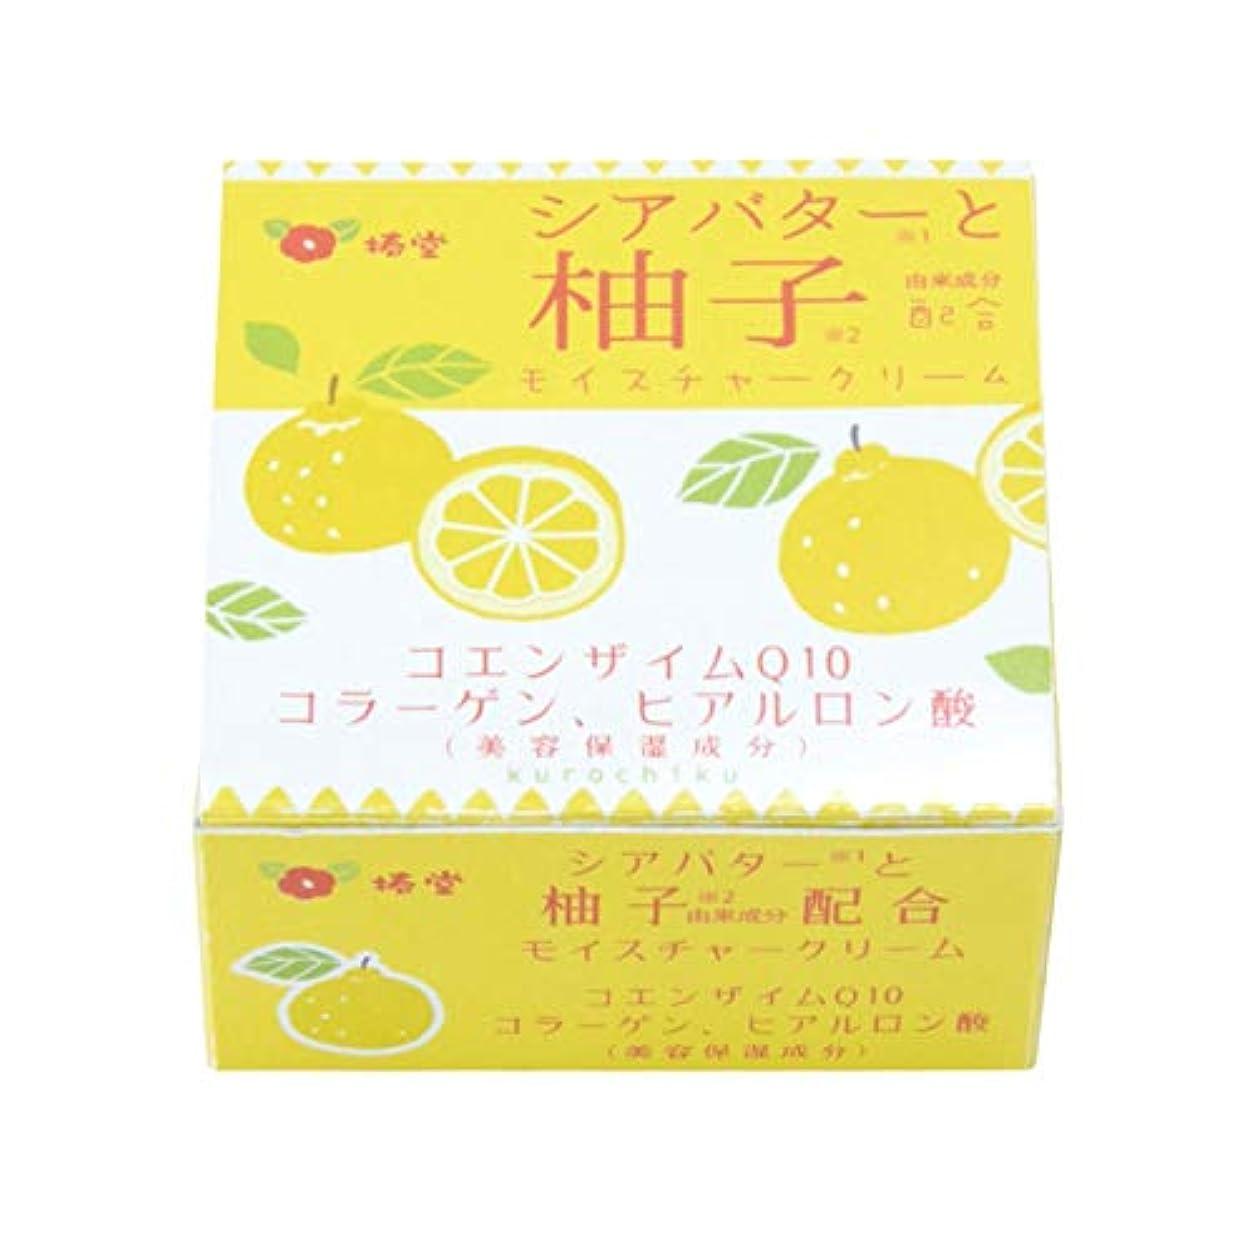 ボイコットシーボード任命椿堂 柚子モイスチャークリーム (シアバターと柚子) 京都くろちく